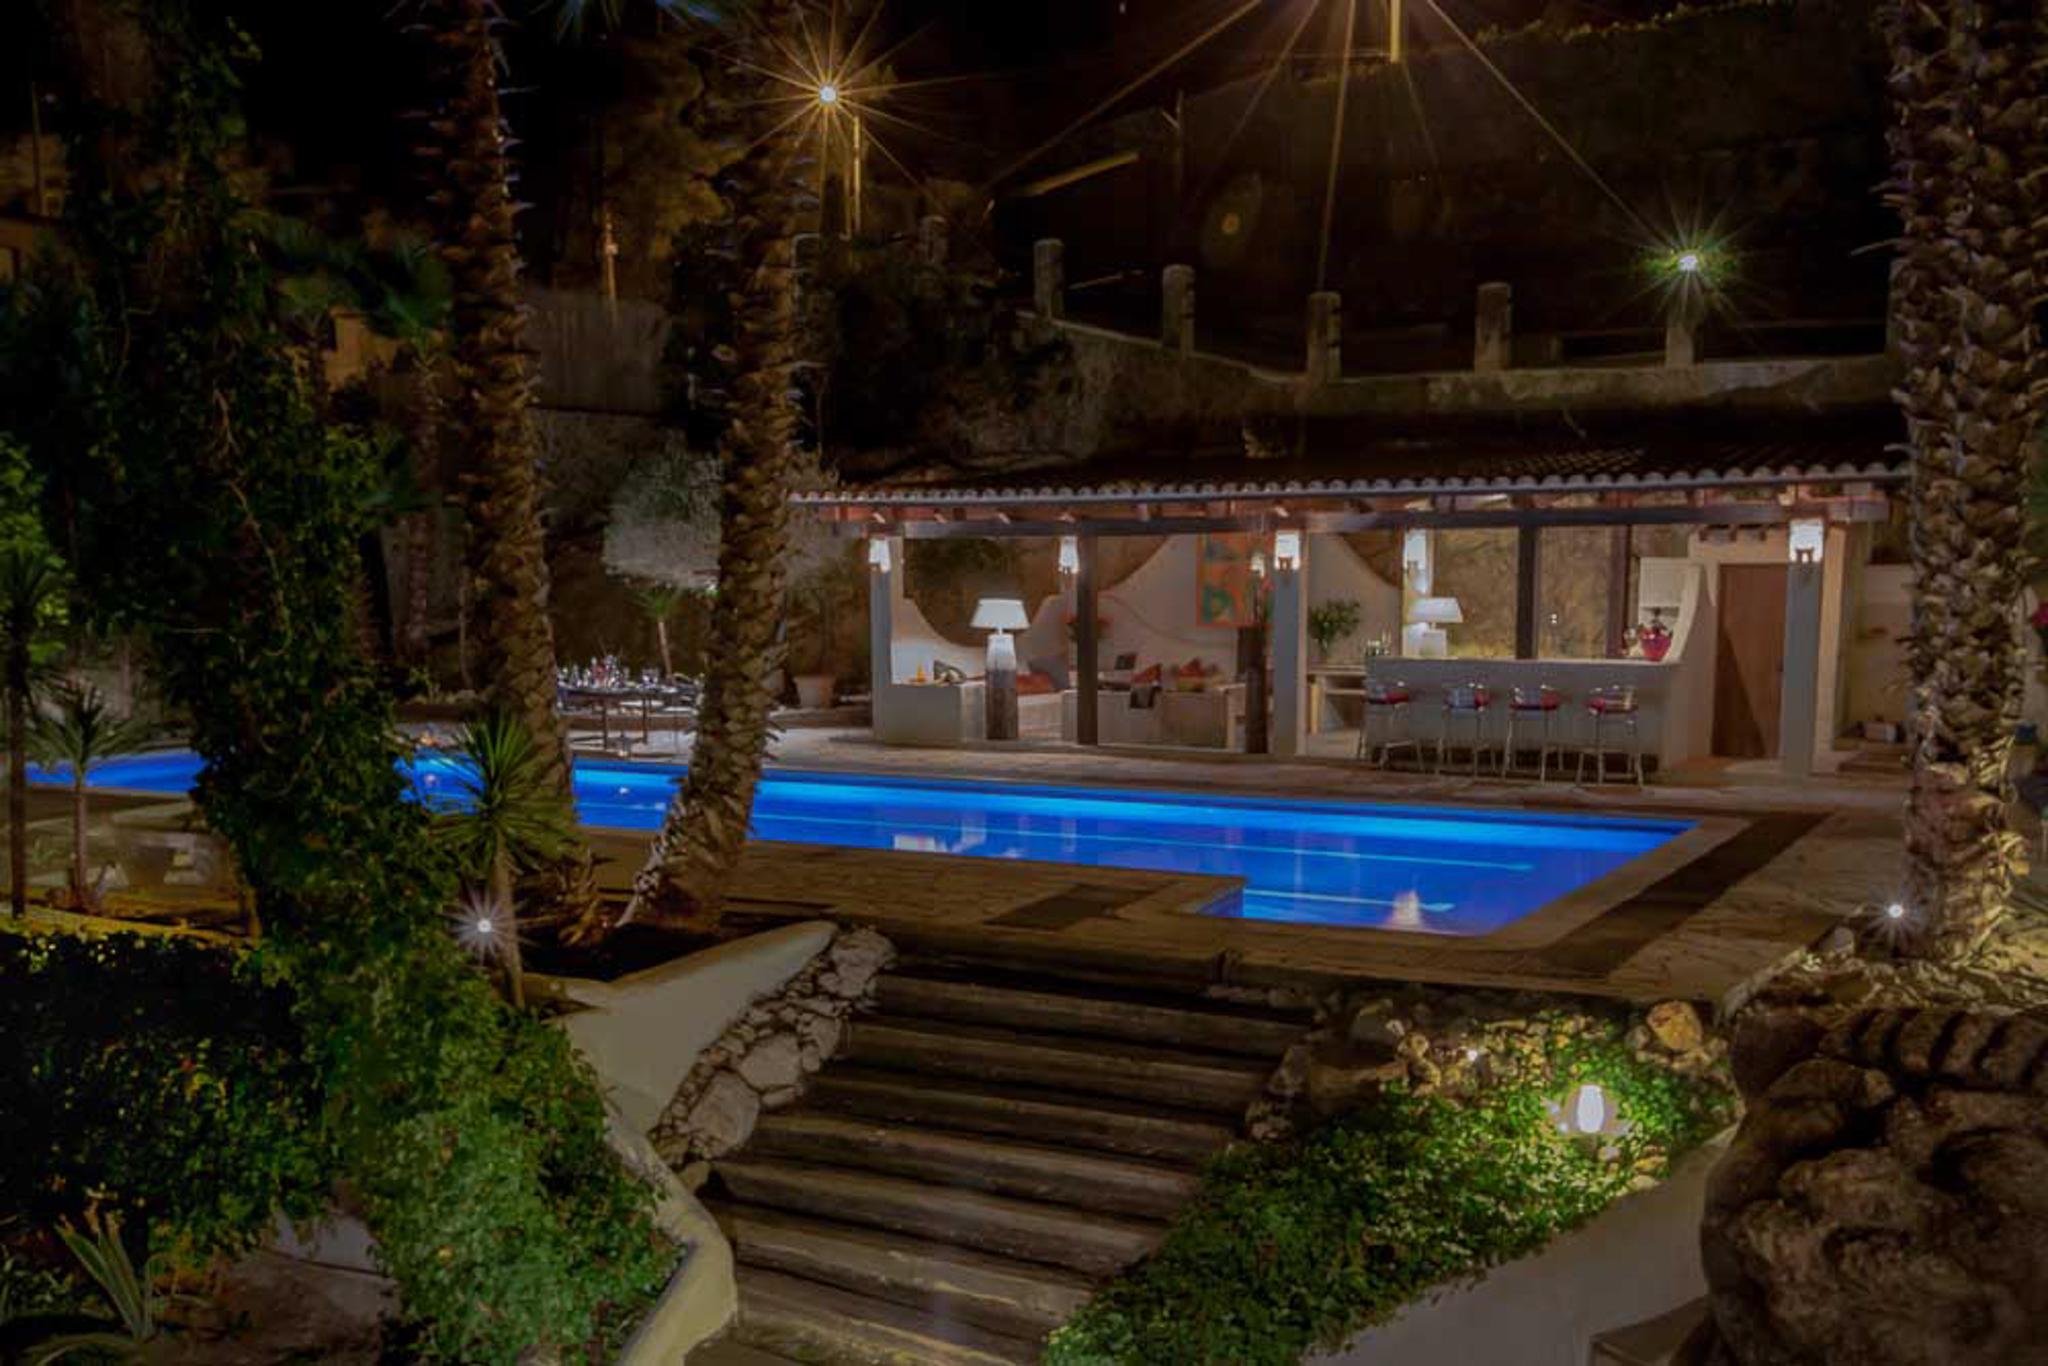 Ferienhaus Villa Palmera, Paradies in der Nhe von Barcelona, luxurise Villa fr 22 Personen (2379177), Olivella, Costa del Garraf, Katalonien, Spanien, Bild 17